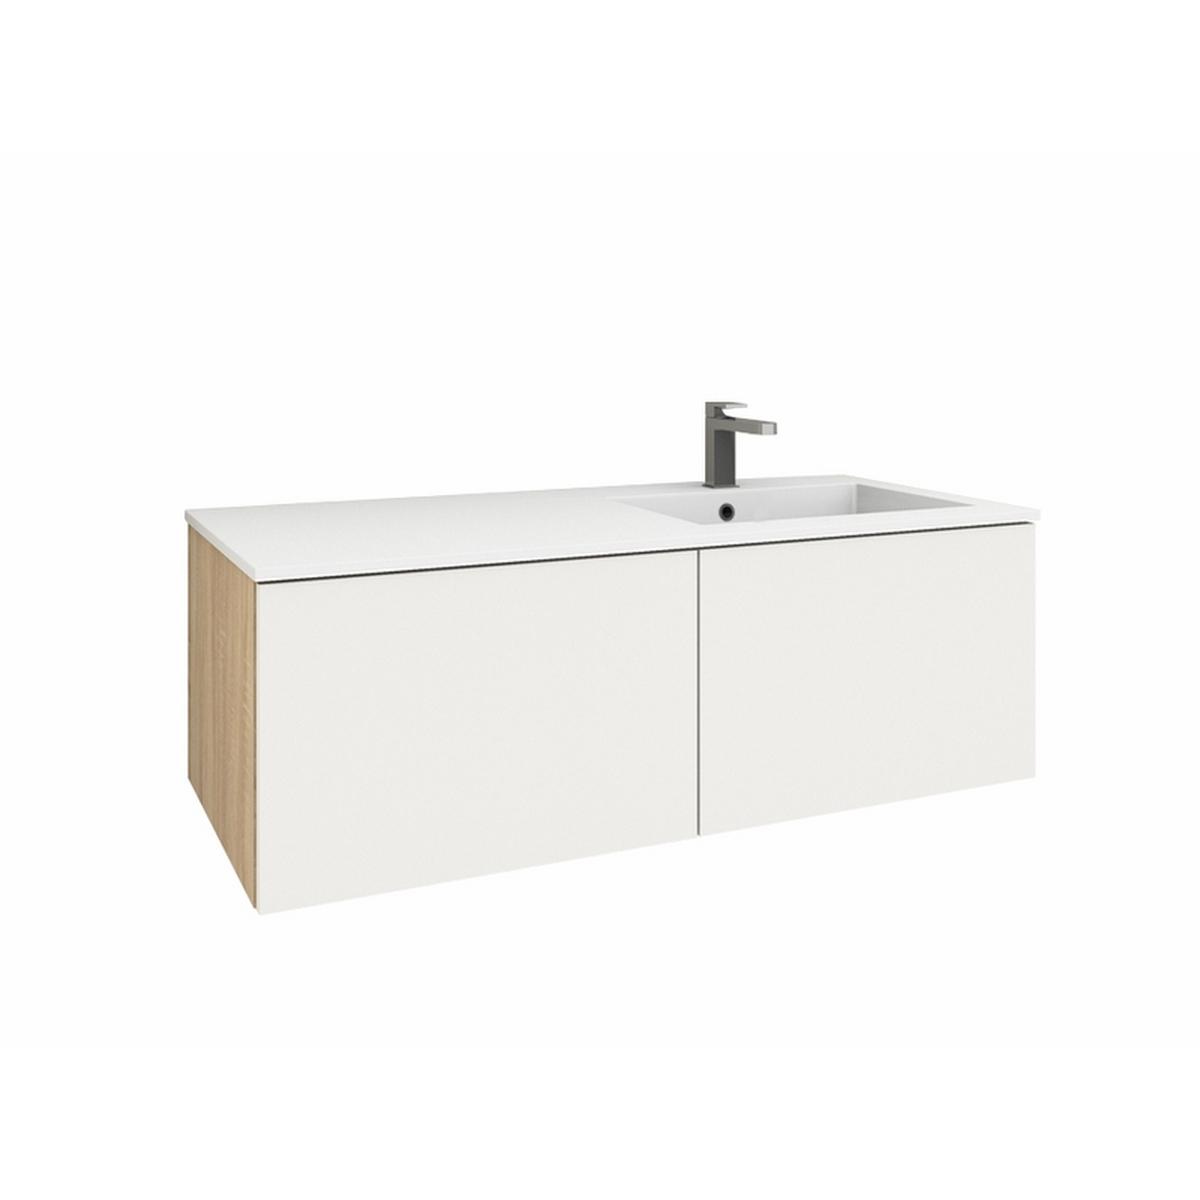 levanto 120r mineralguss waschtischset mit 2 ausz gen. Black Bedroom Furniture Sets. Home Design Ideas